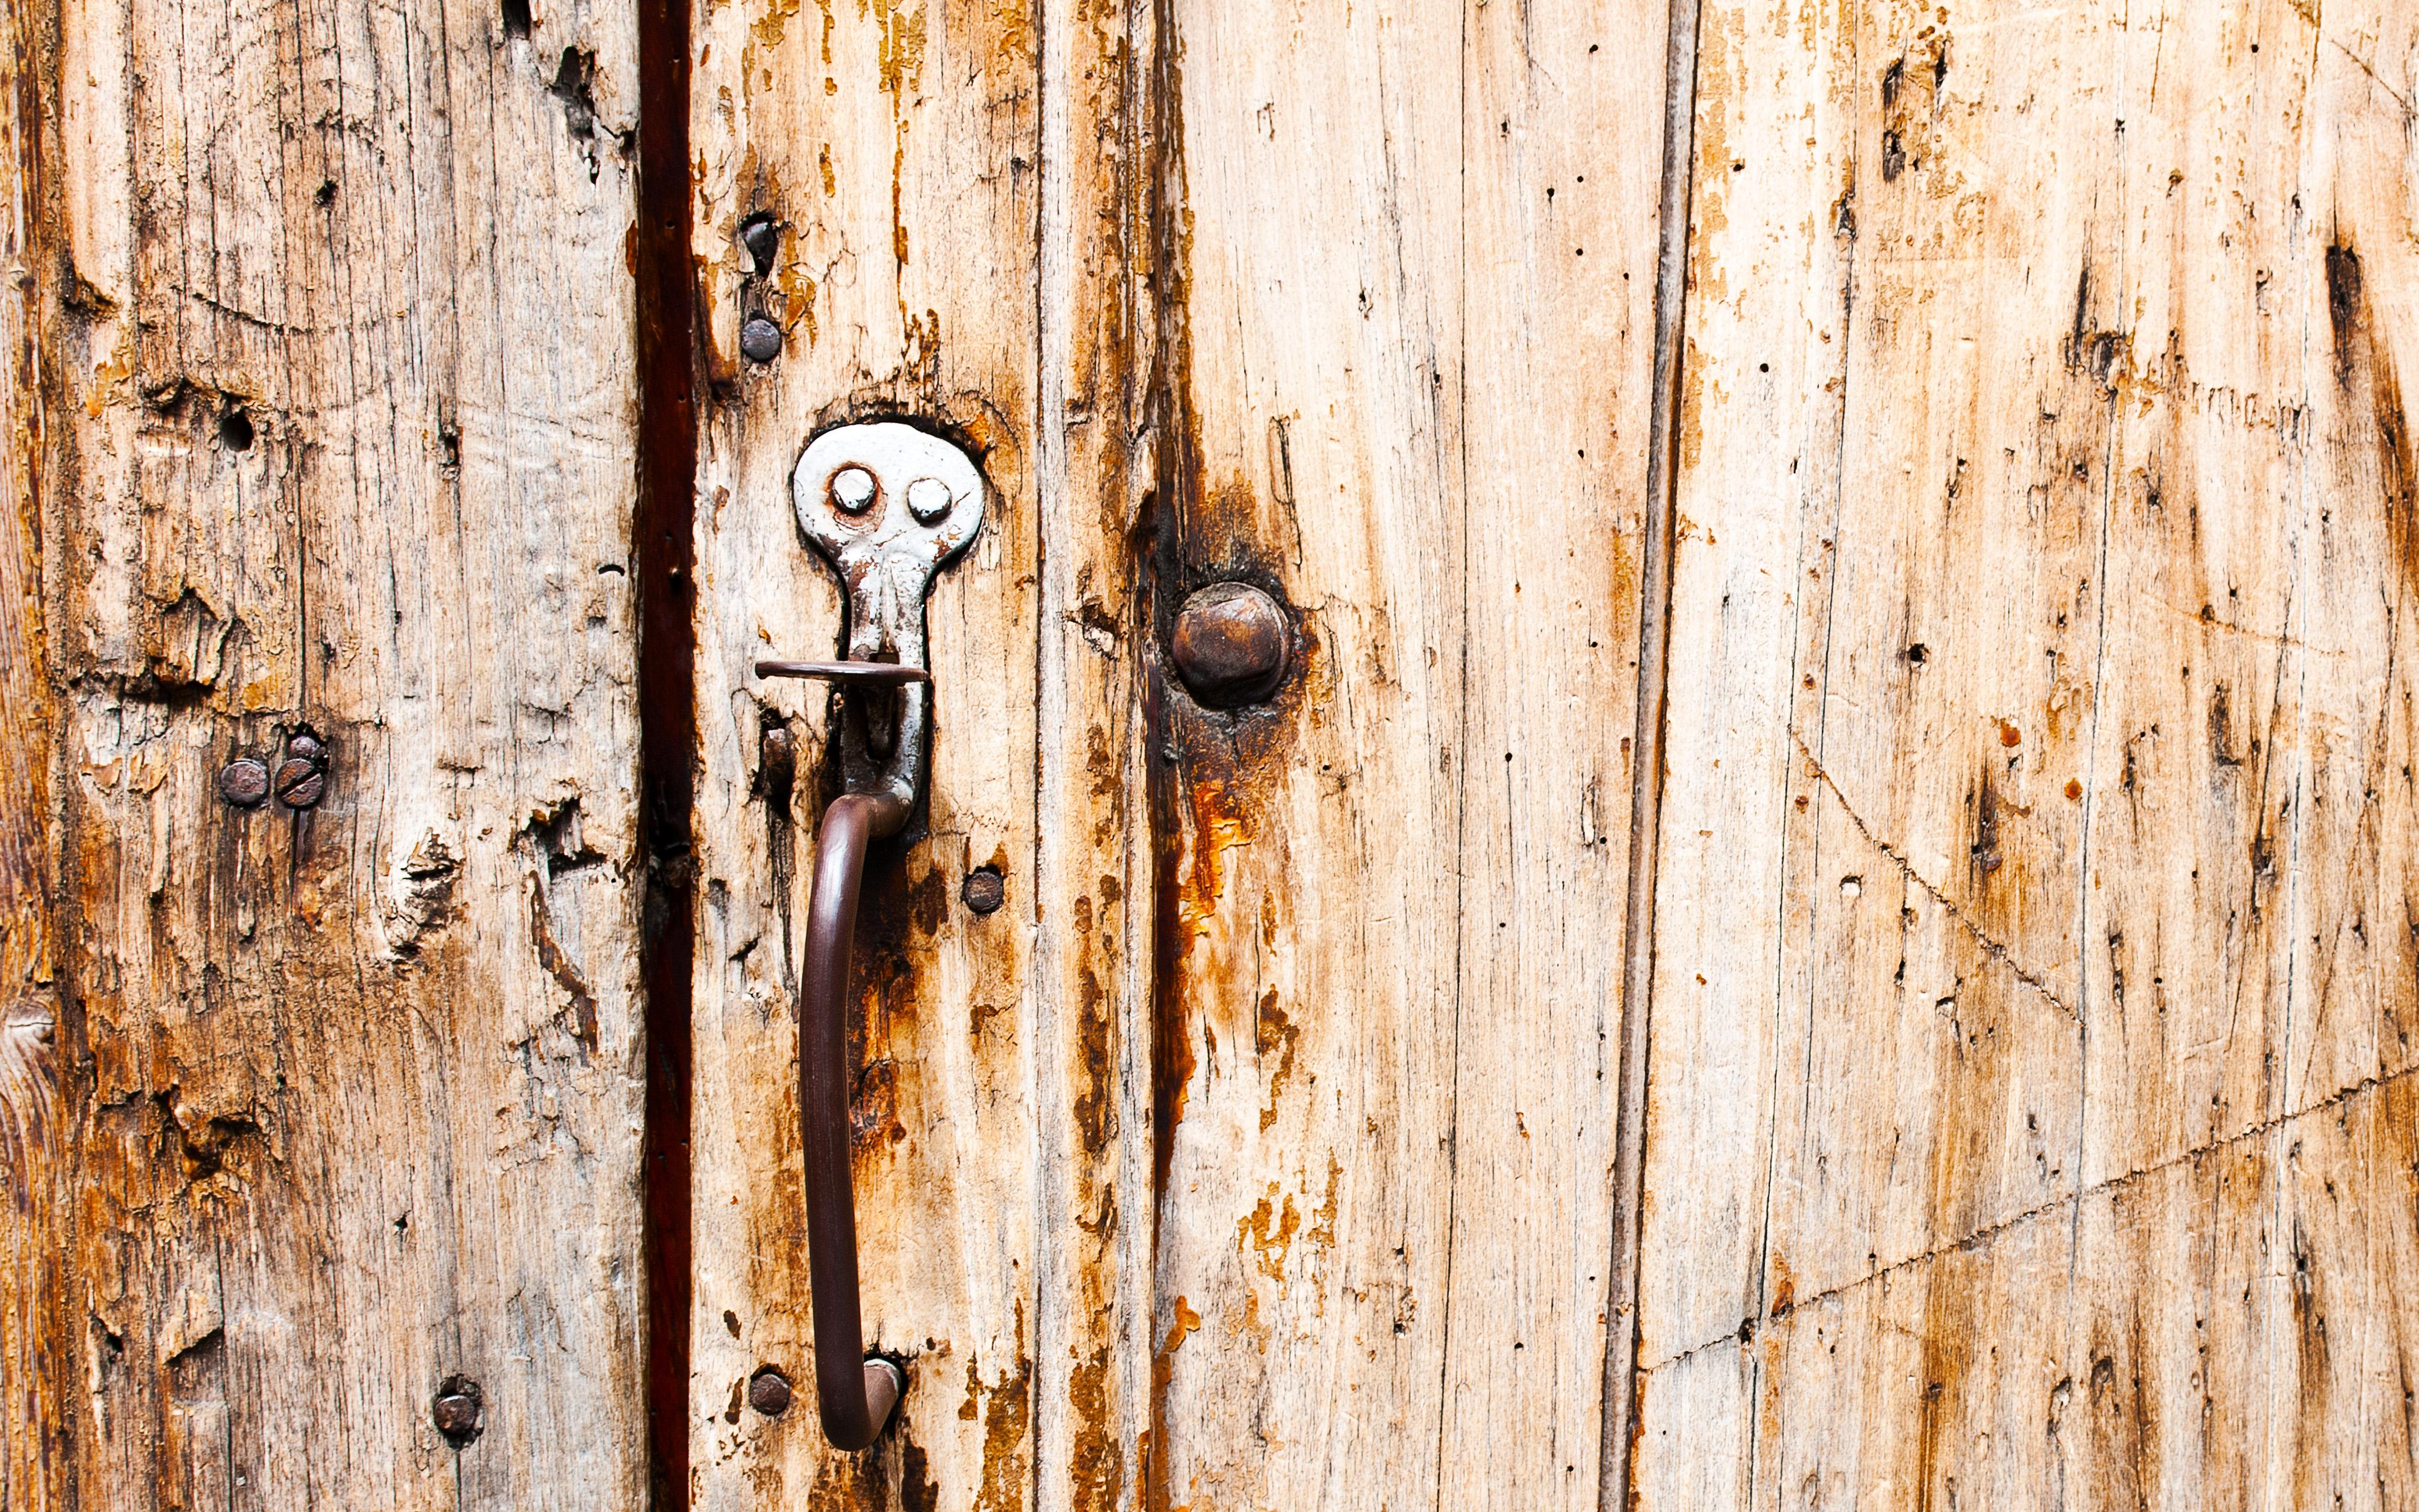 4K Resolution retina wallpaper 16:10 - Wood | Flickr - Photo Sharing!